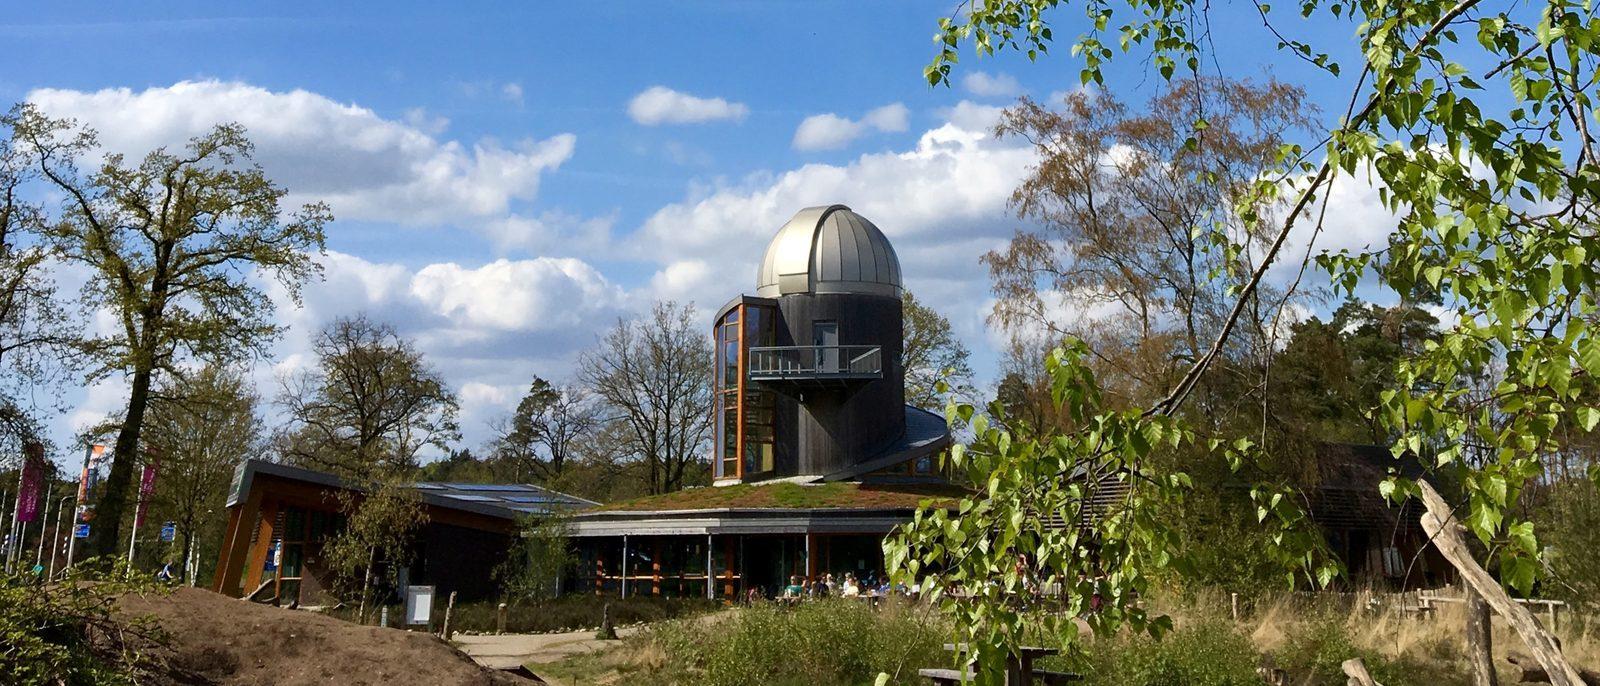 Ontdek de omgeving van Hellendoorn